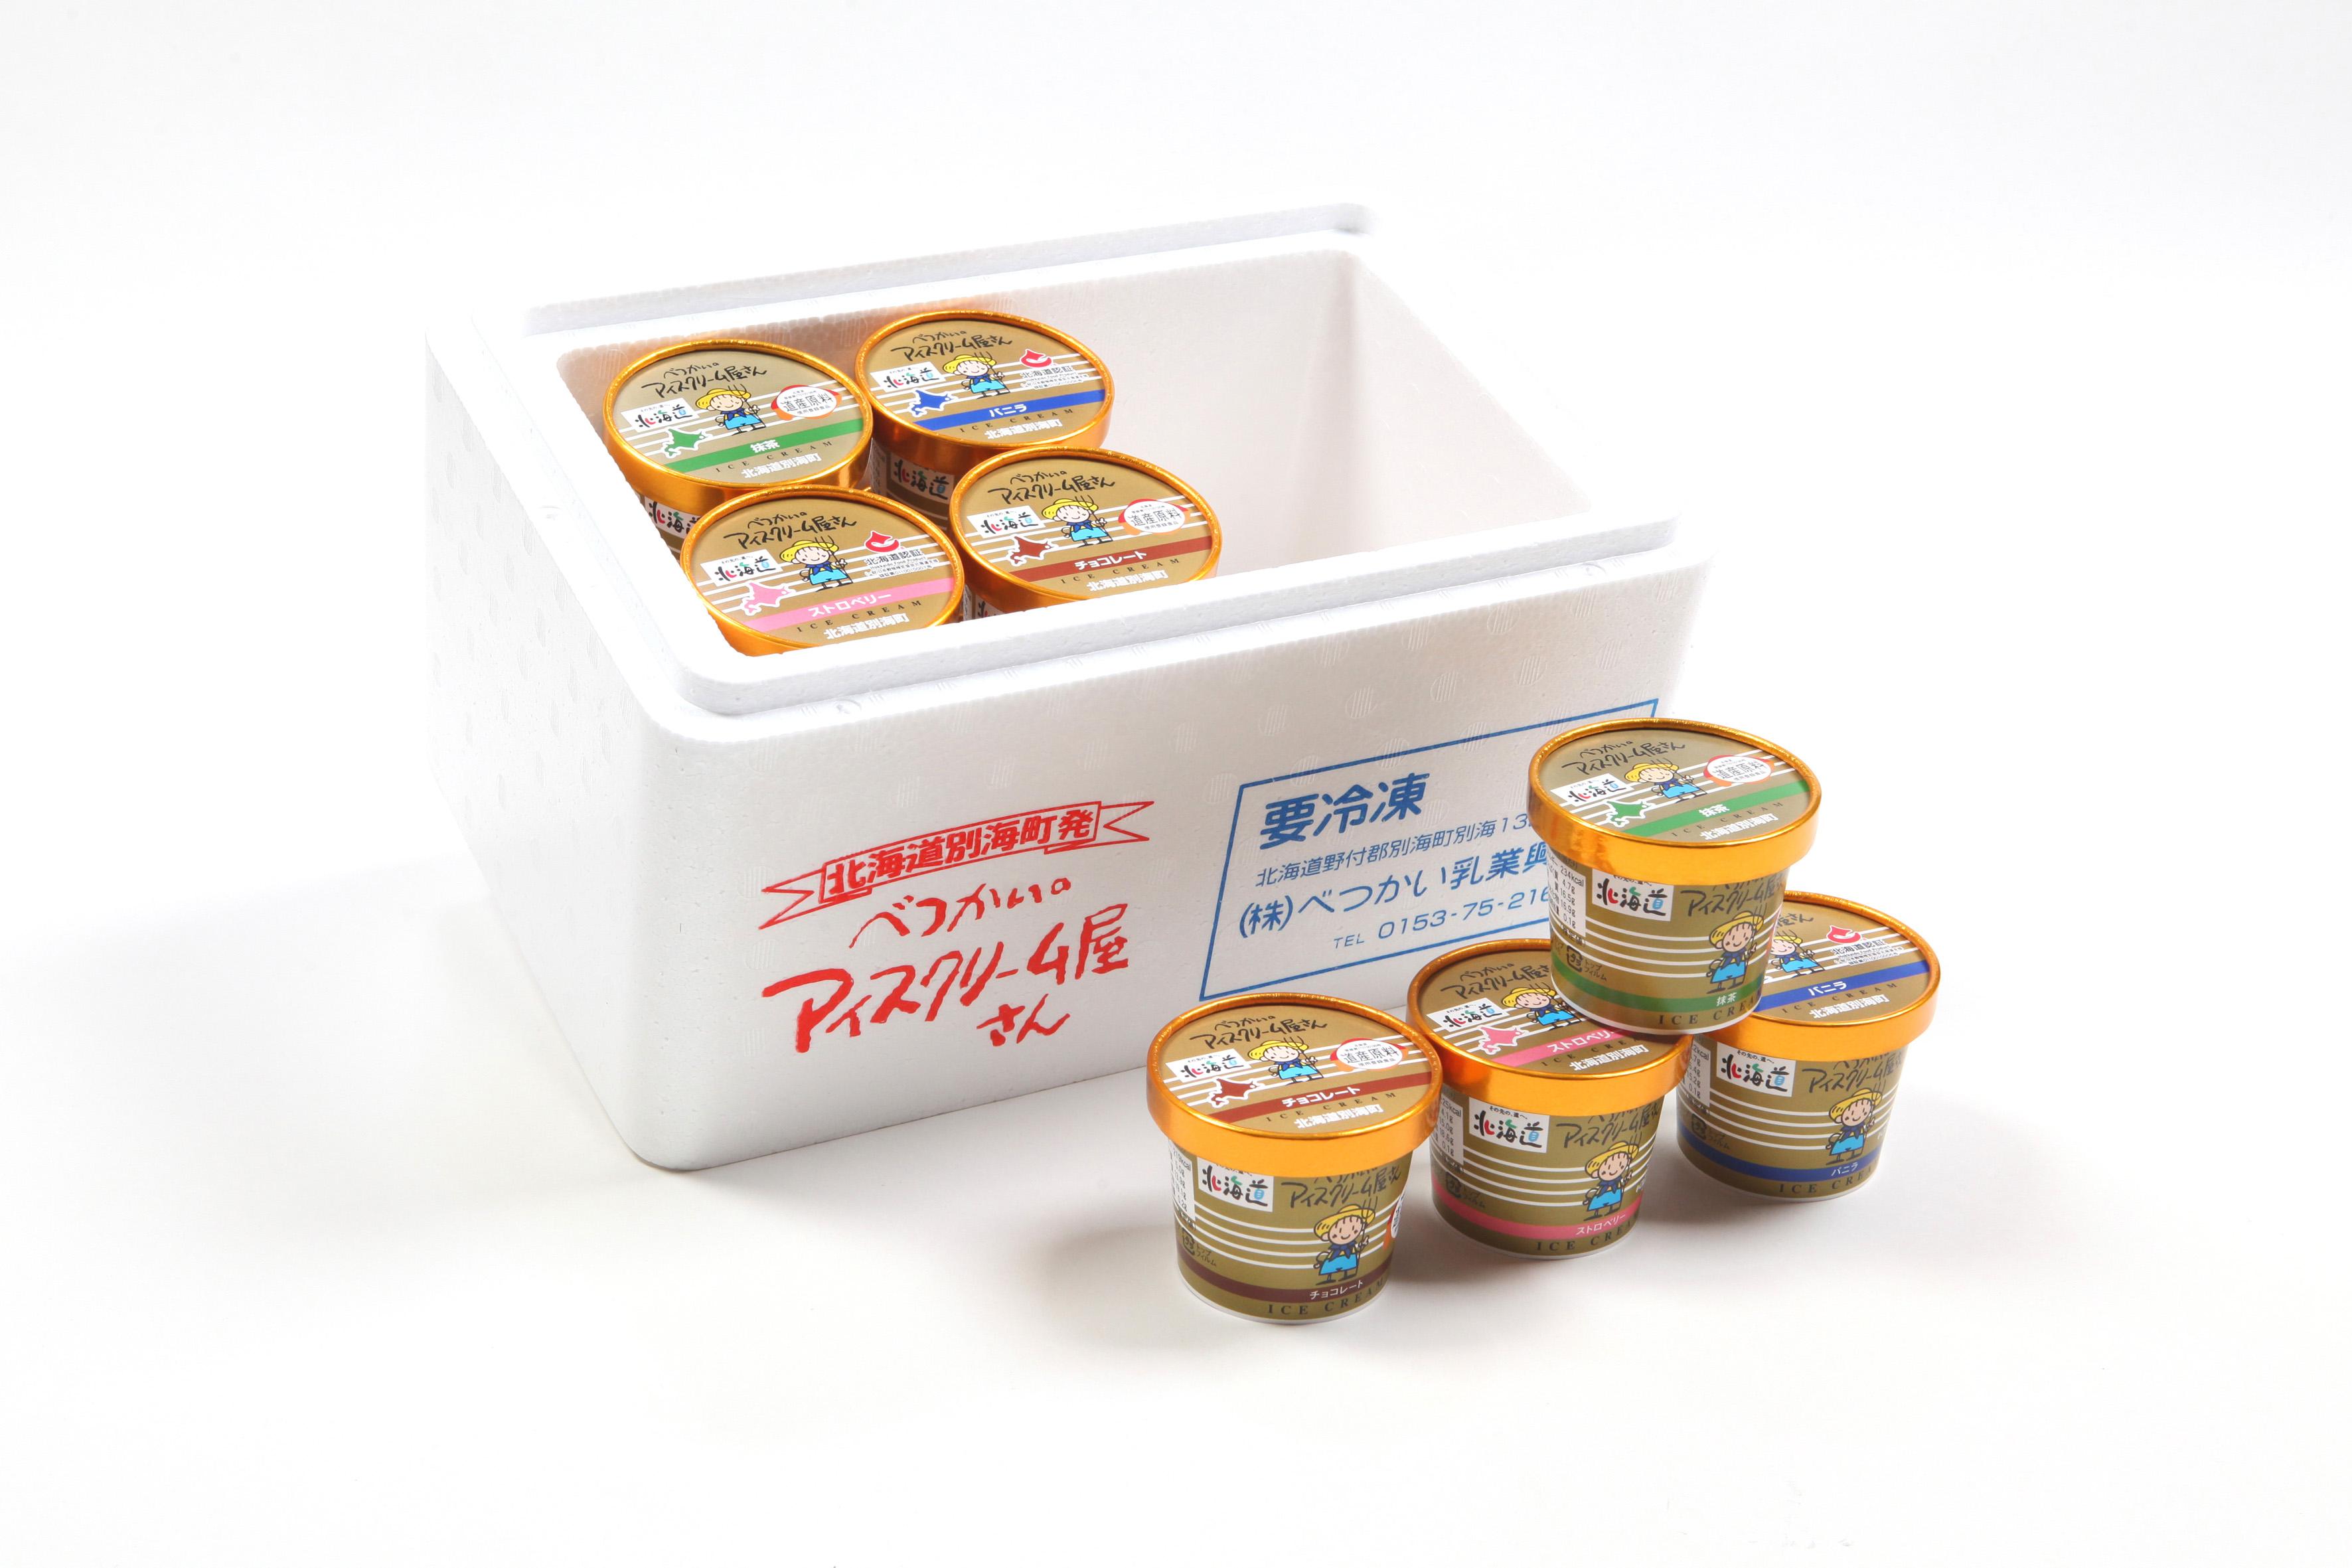 <北海道別海町産>べつかいのアイスクリーム屋さん  120ml 12個入